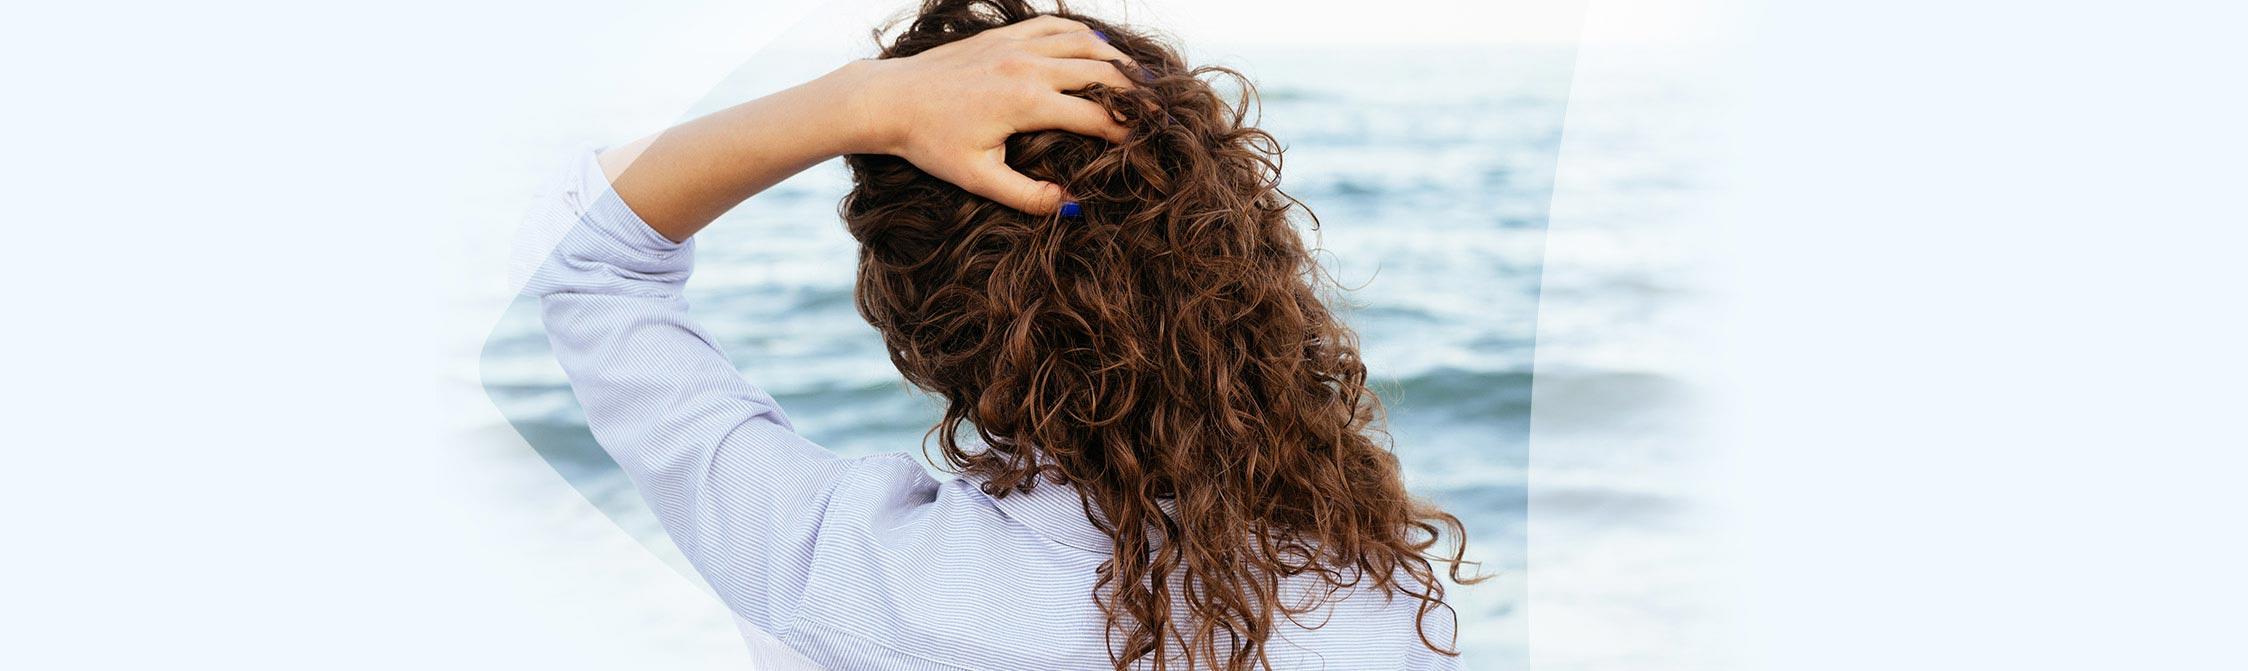 Frau greift sich in die Haare und schaut aufs Meer hinaus